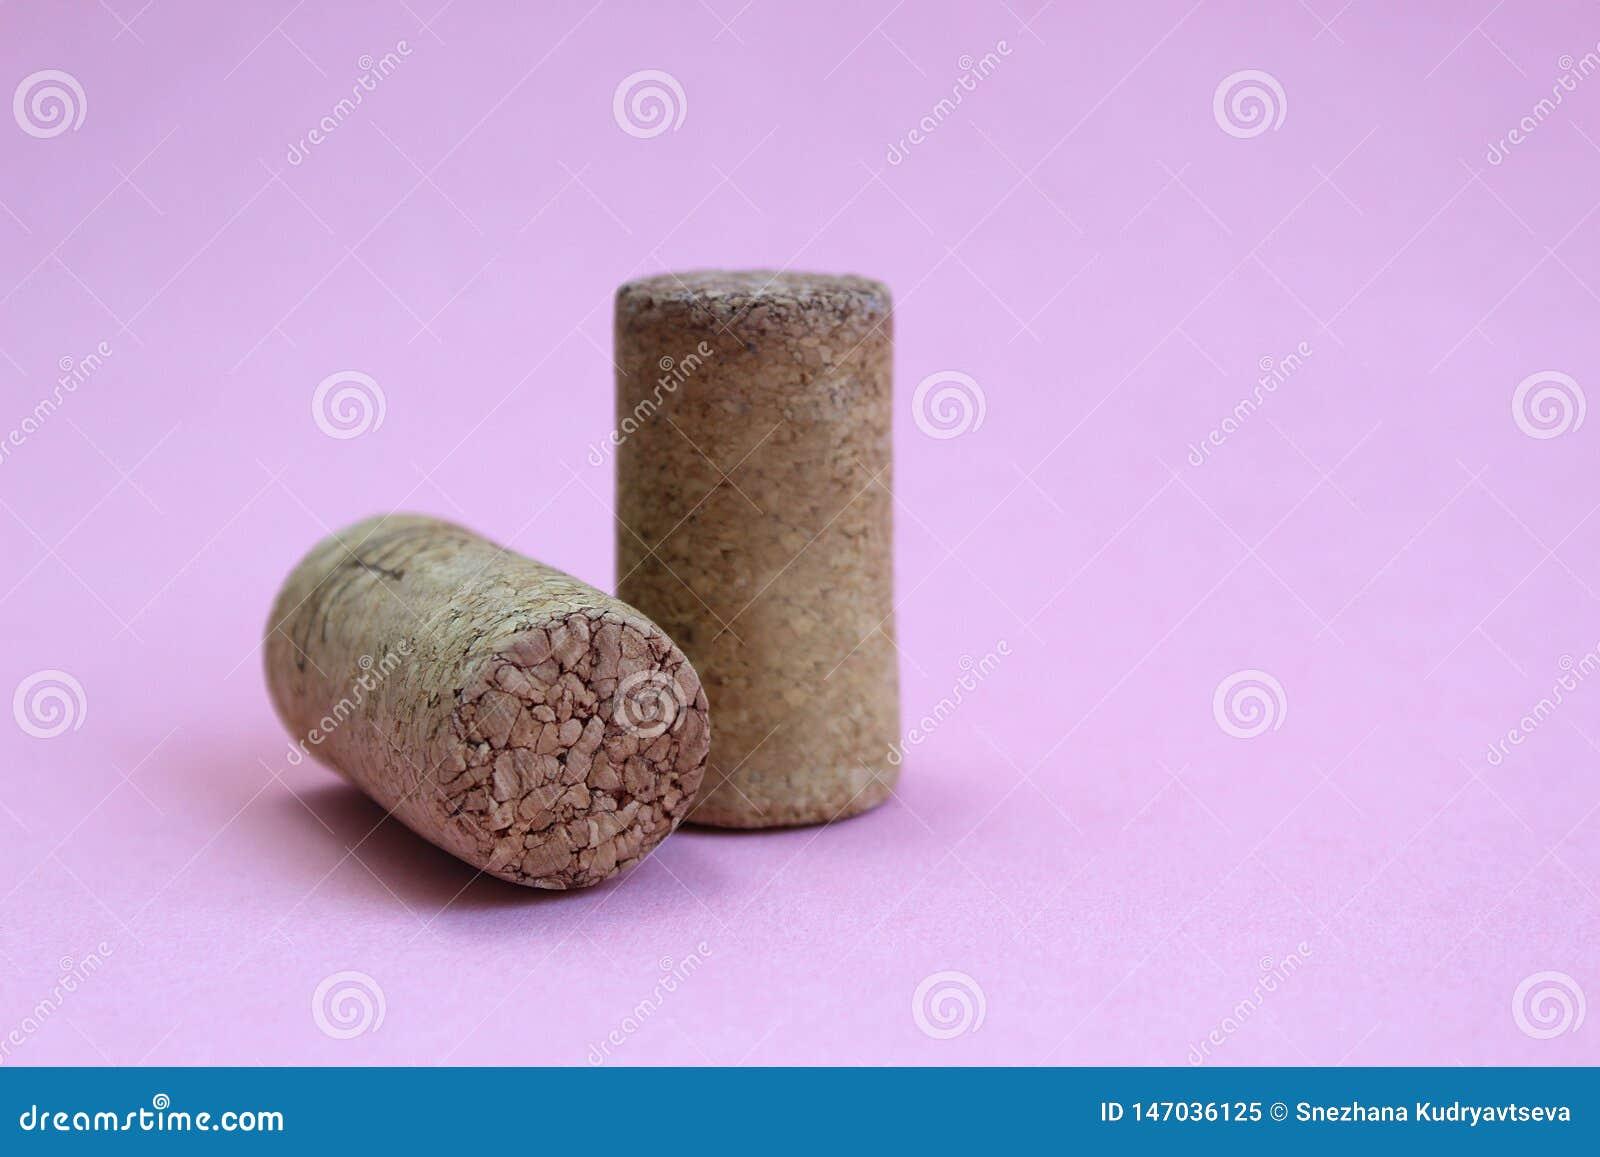 Wijncork twee stukken op een roze achtergrond